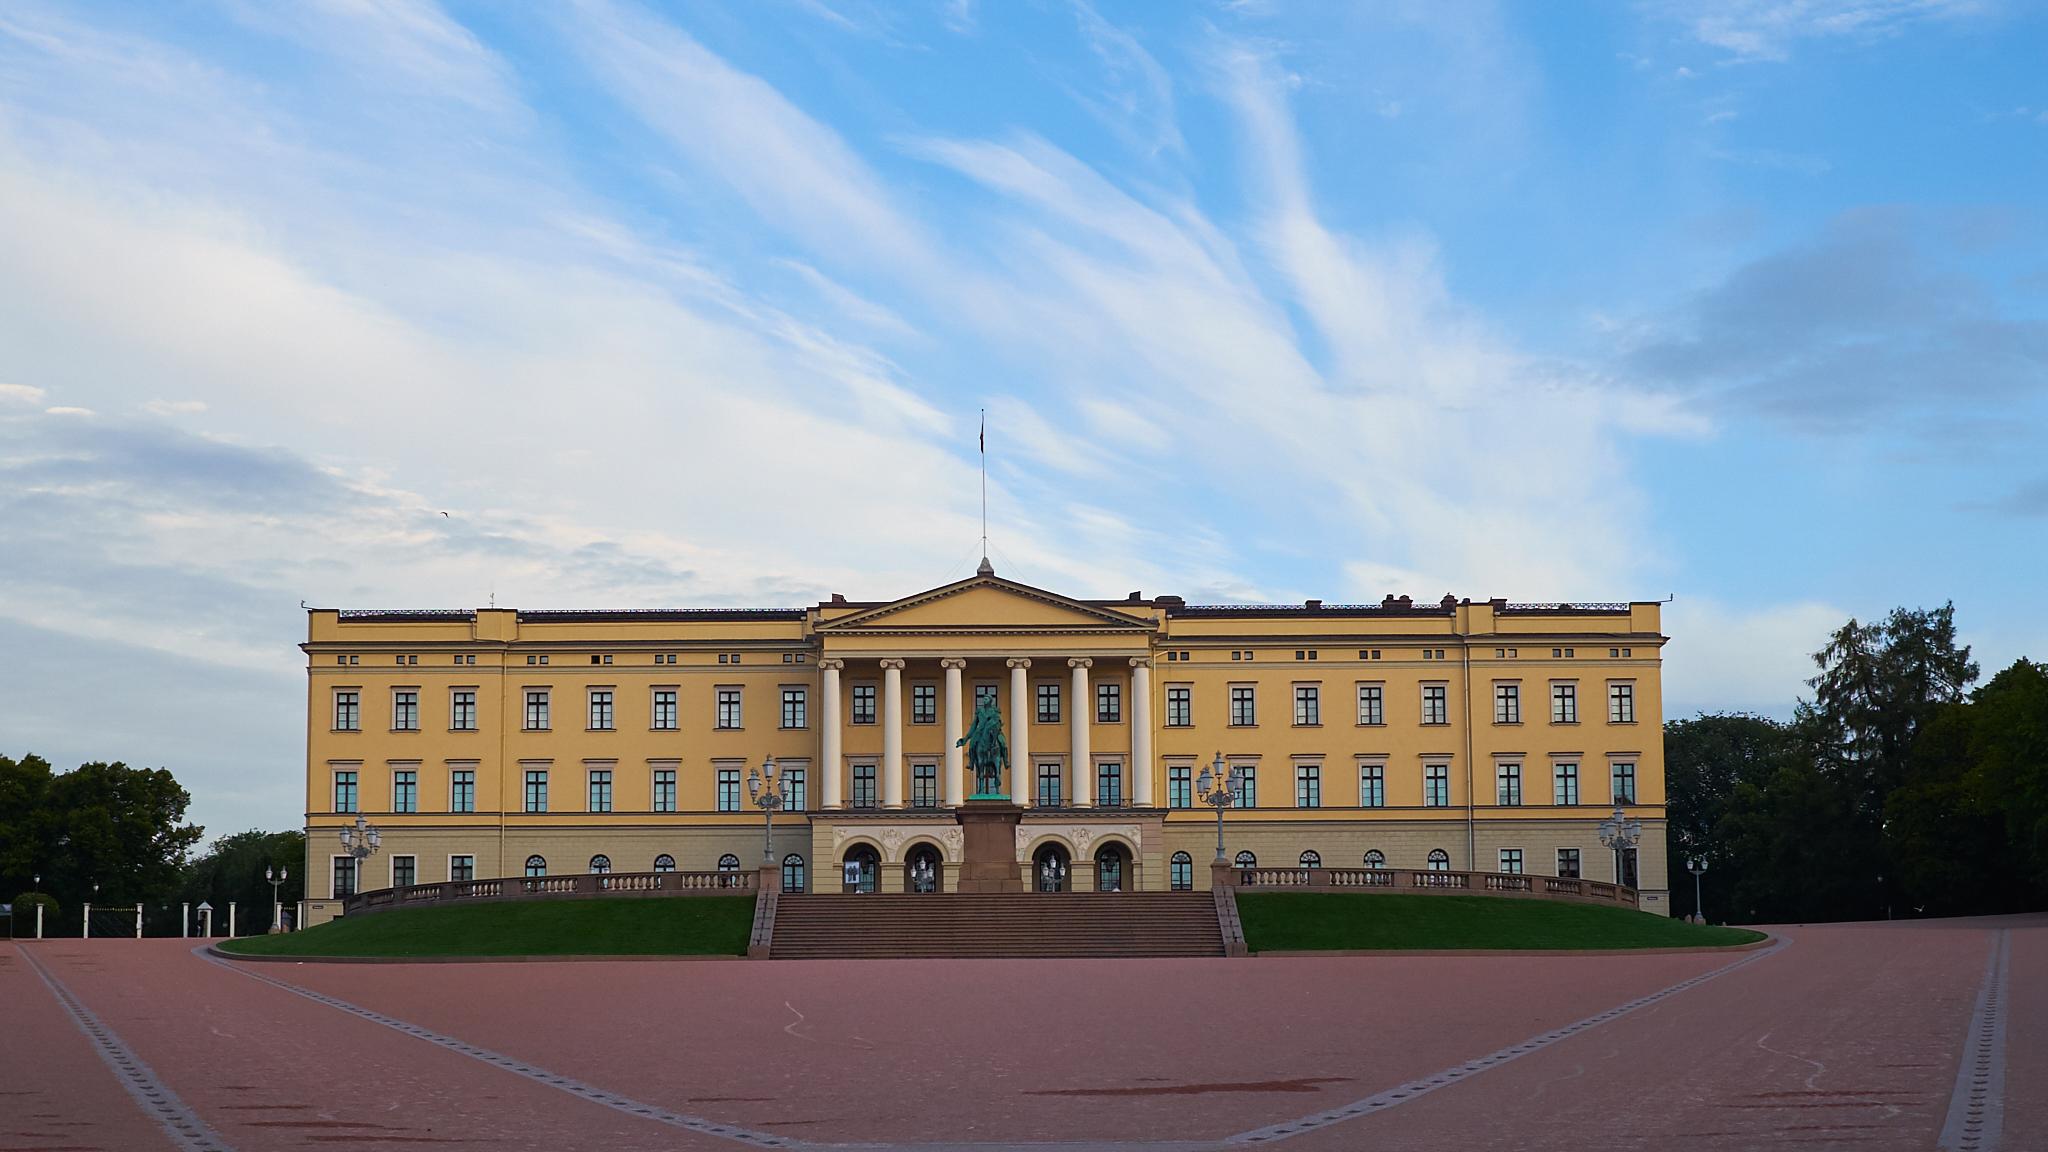 Oslo's royal castle